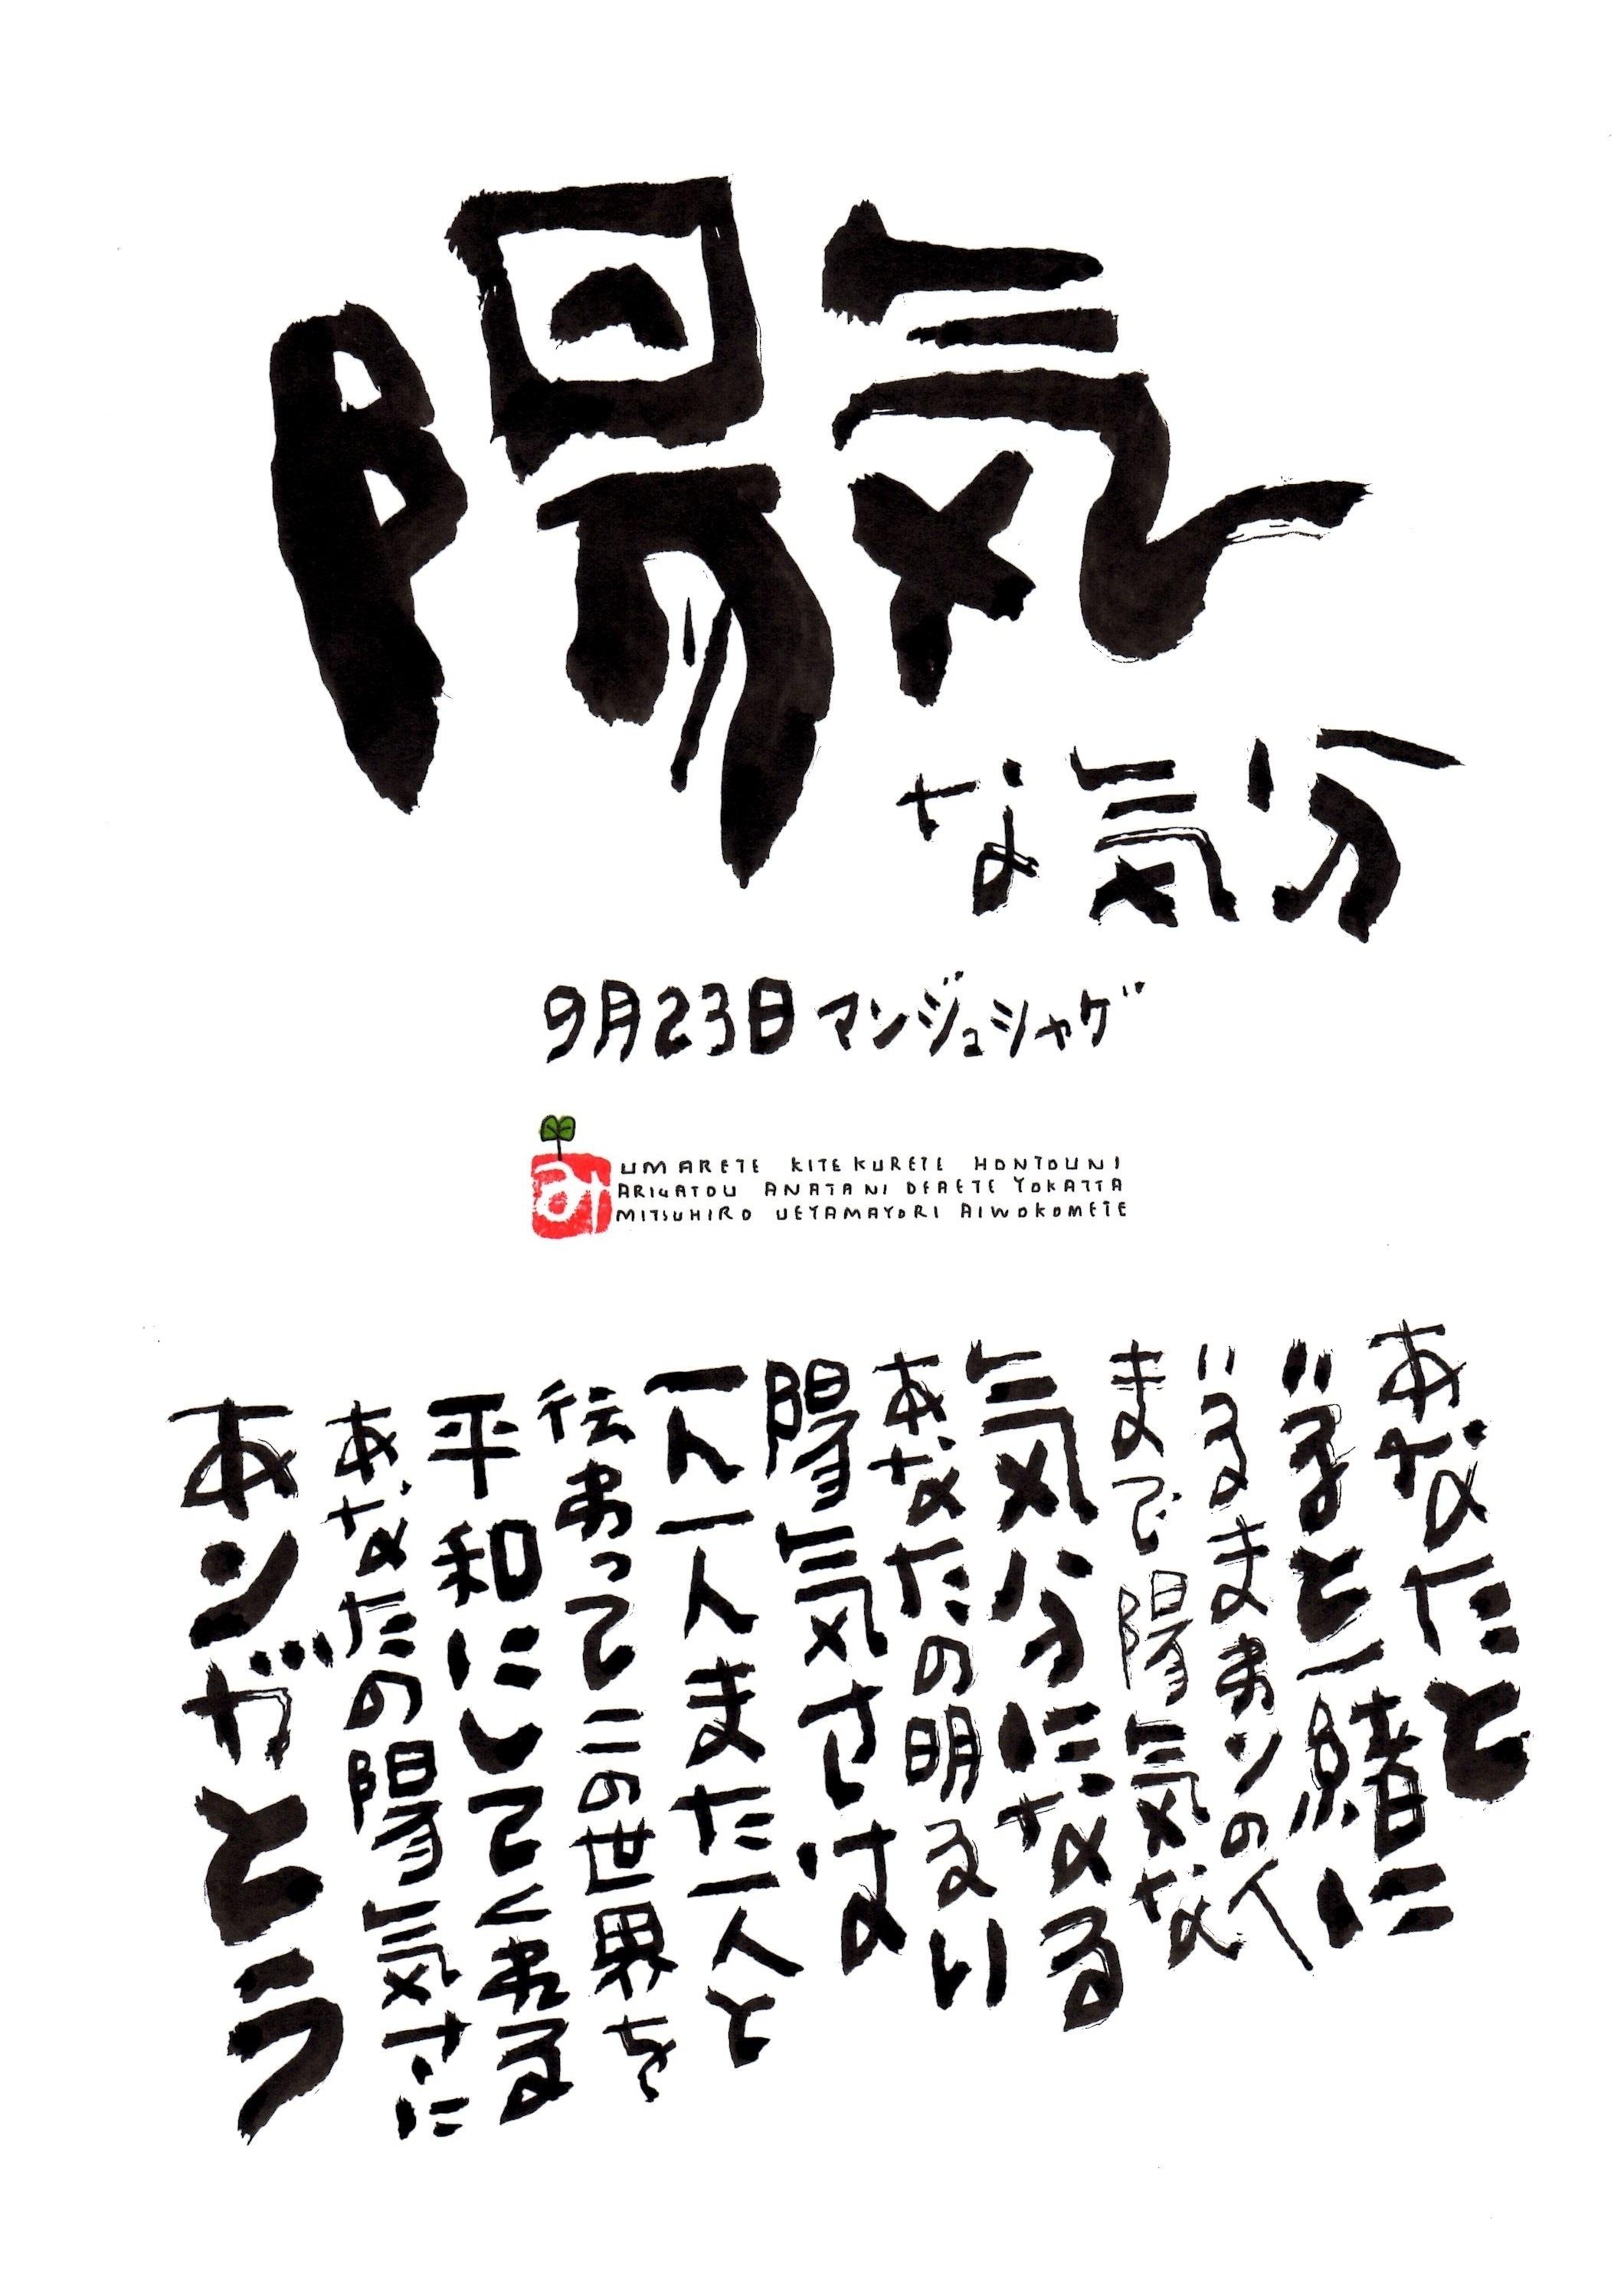 9月23日 誕生日ポストカード【陽気な気分】Cheerful mood